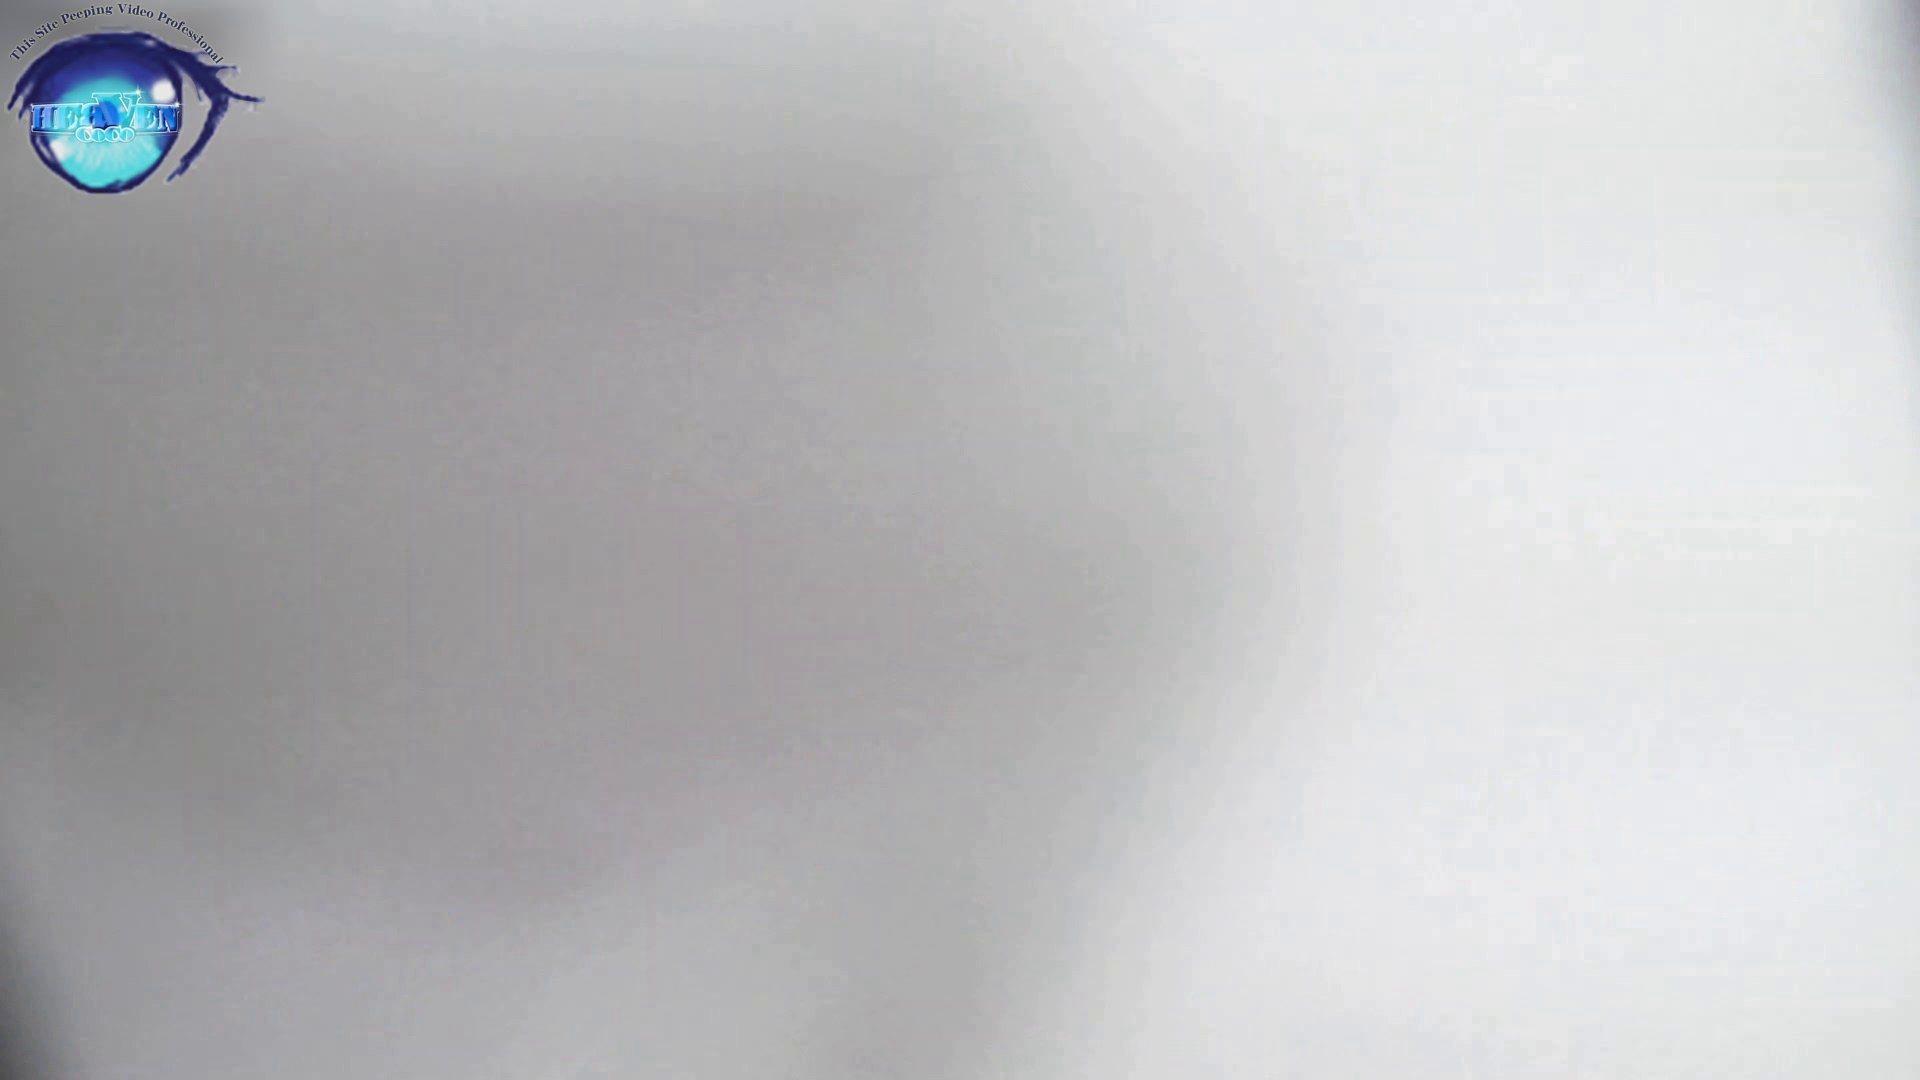 「洗面所突入レポート!!」vol.56まず並ぶ所から!決して真似しないでください前編 美人 セックス無修正動画無料 96pic 34